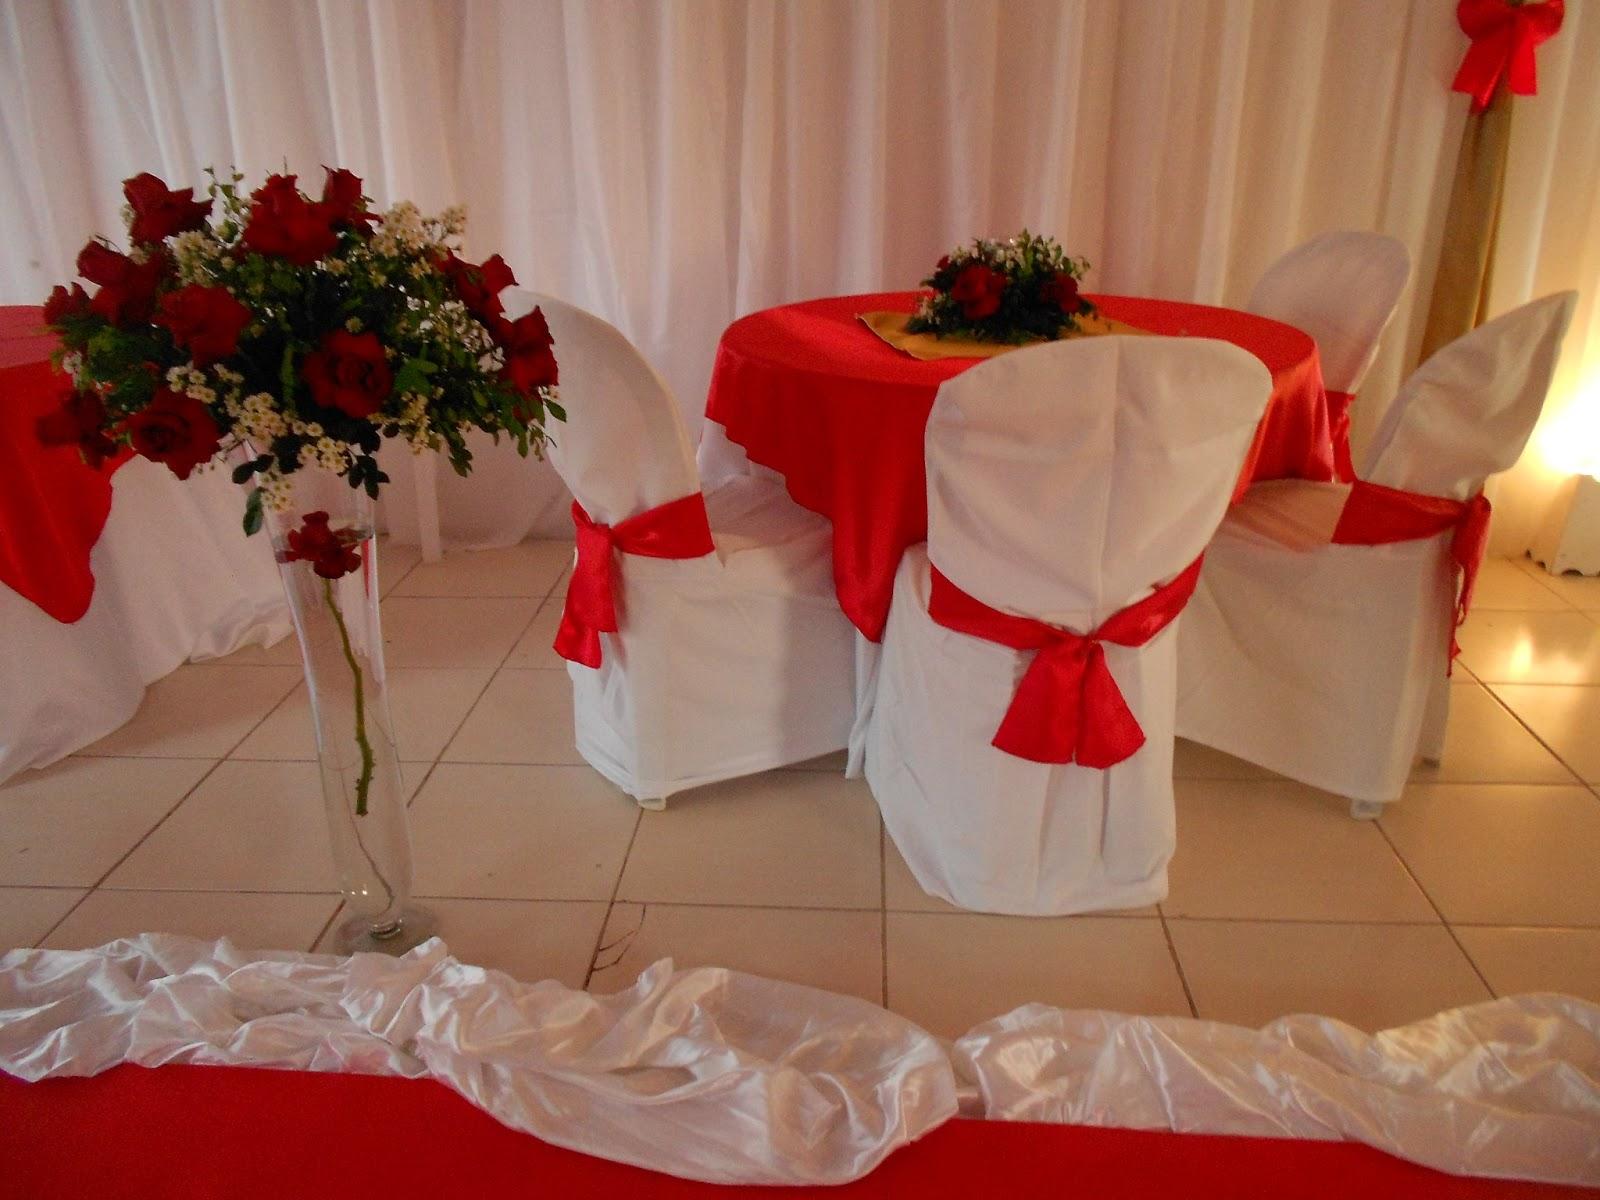 casamento-provençal-vermelho-e-branco-14